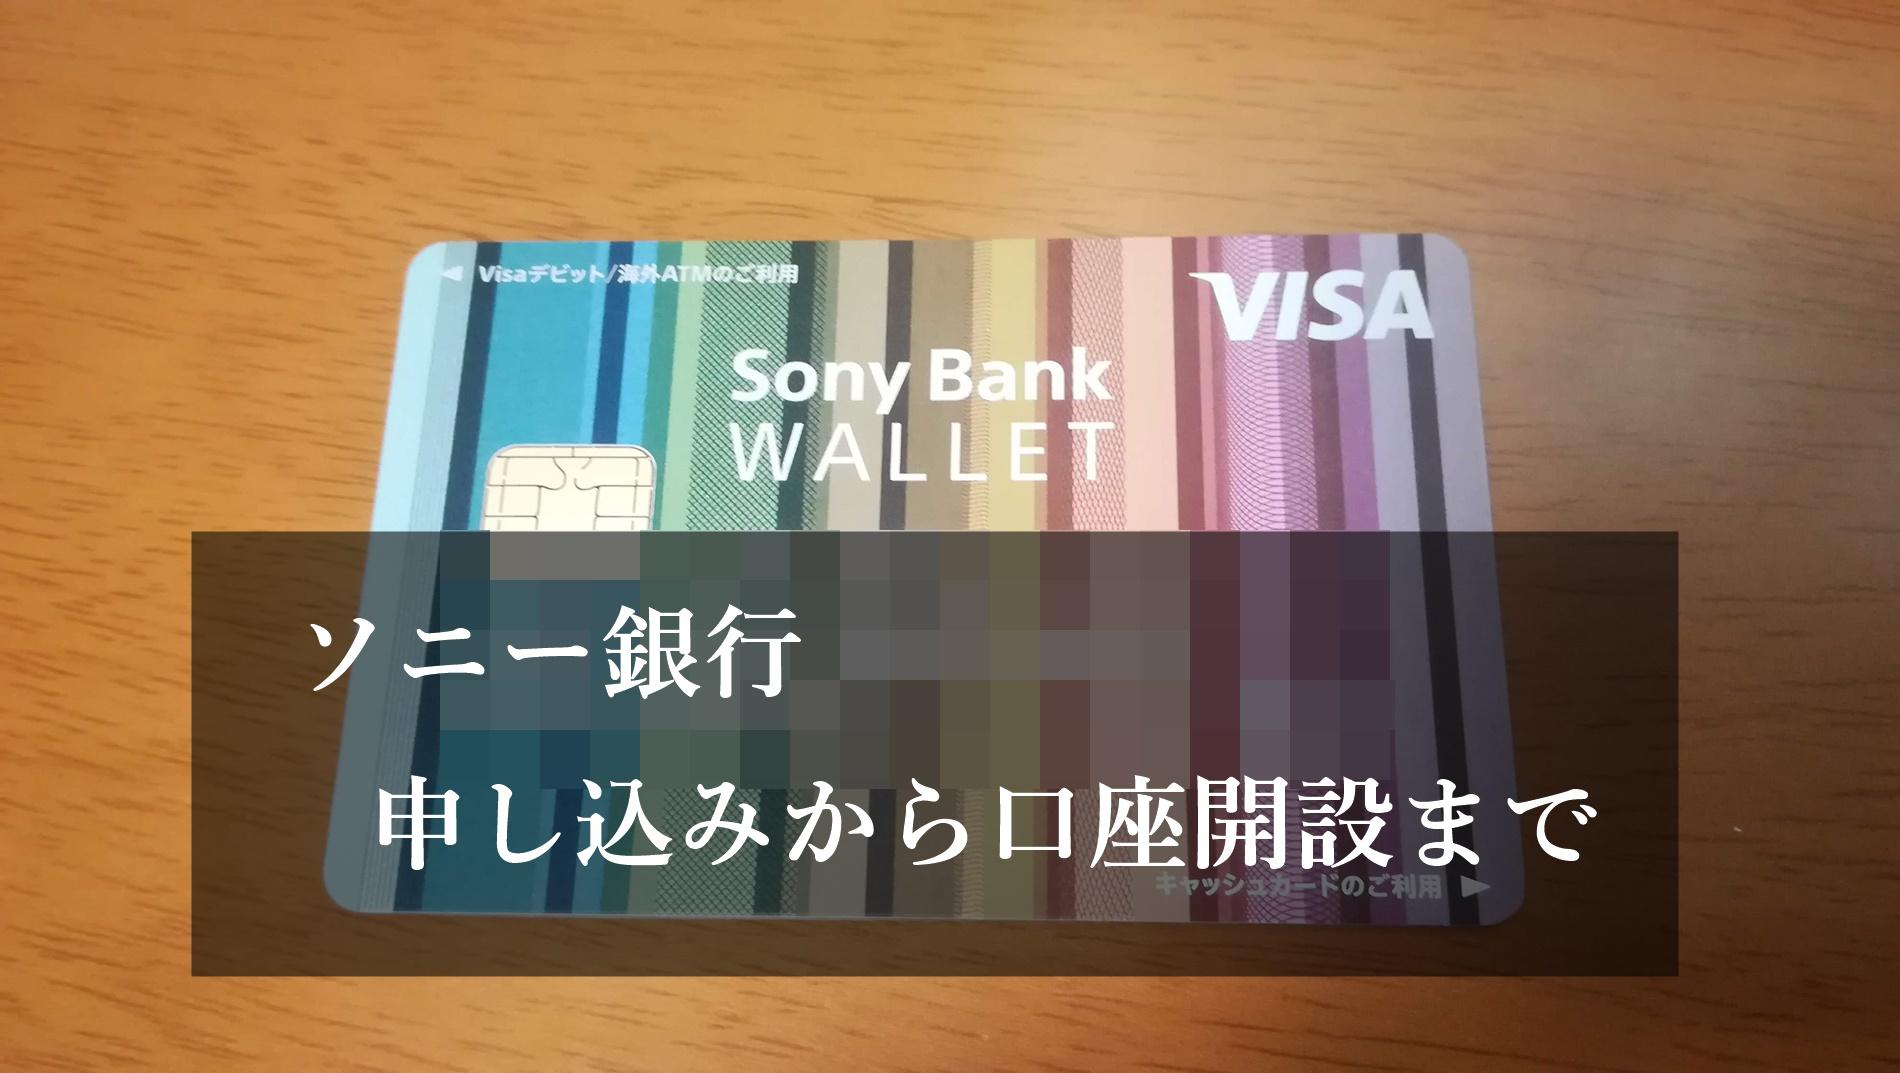 ソニー銀行を開設してみた!カードが届くまでの時間や申し込みの流れを紹介するよ